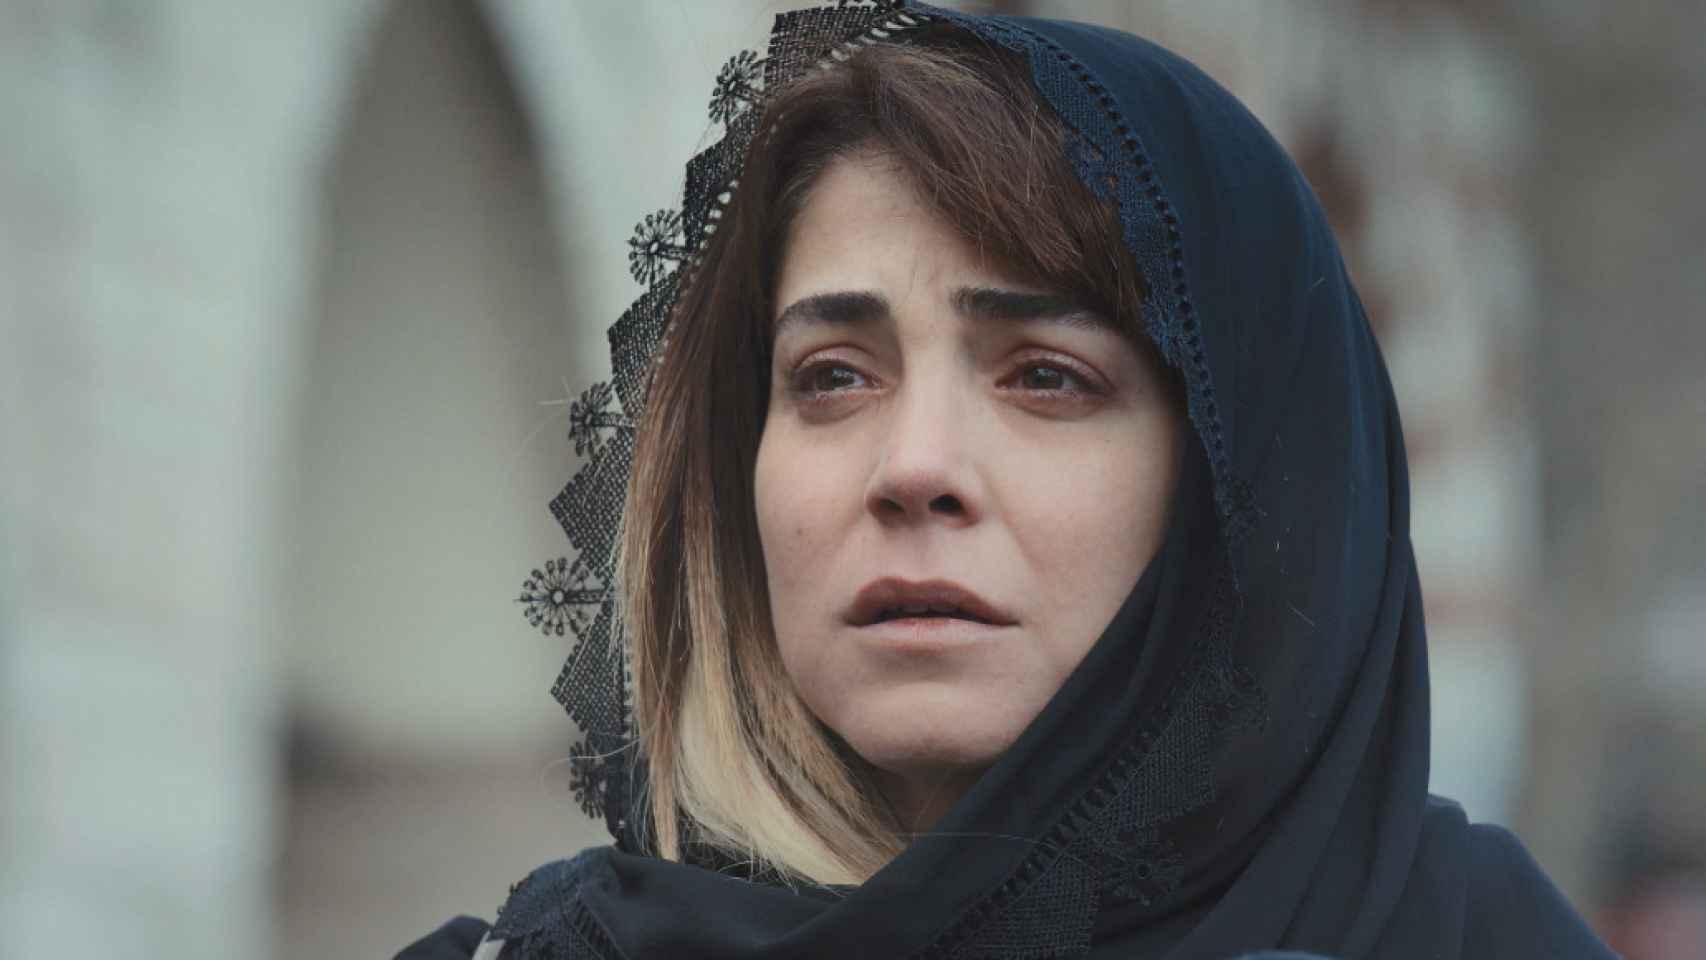 Avance en fotos del capítulo 48 de 'Mujer' que Antena 3 emite este lunes 8